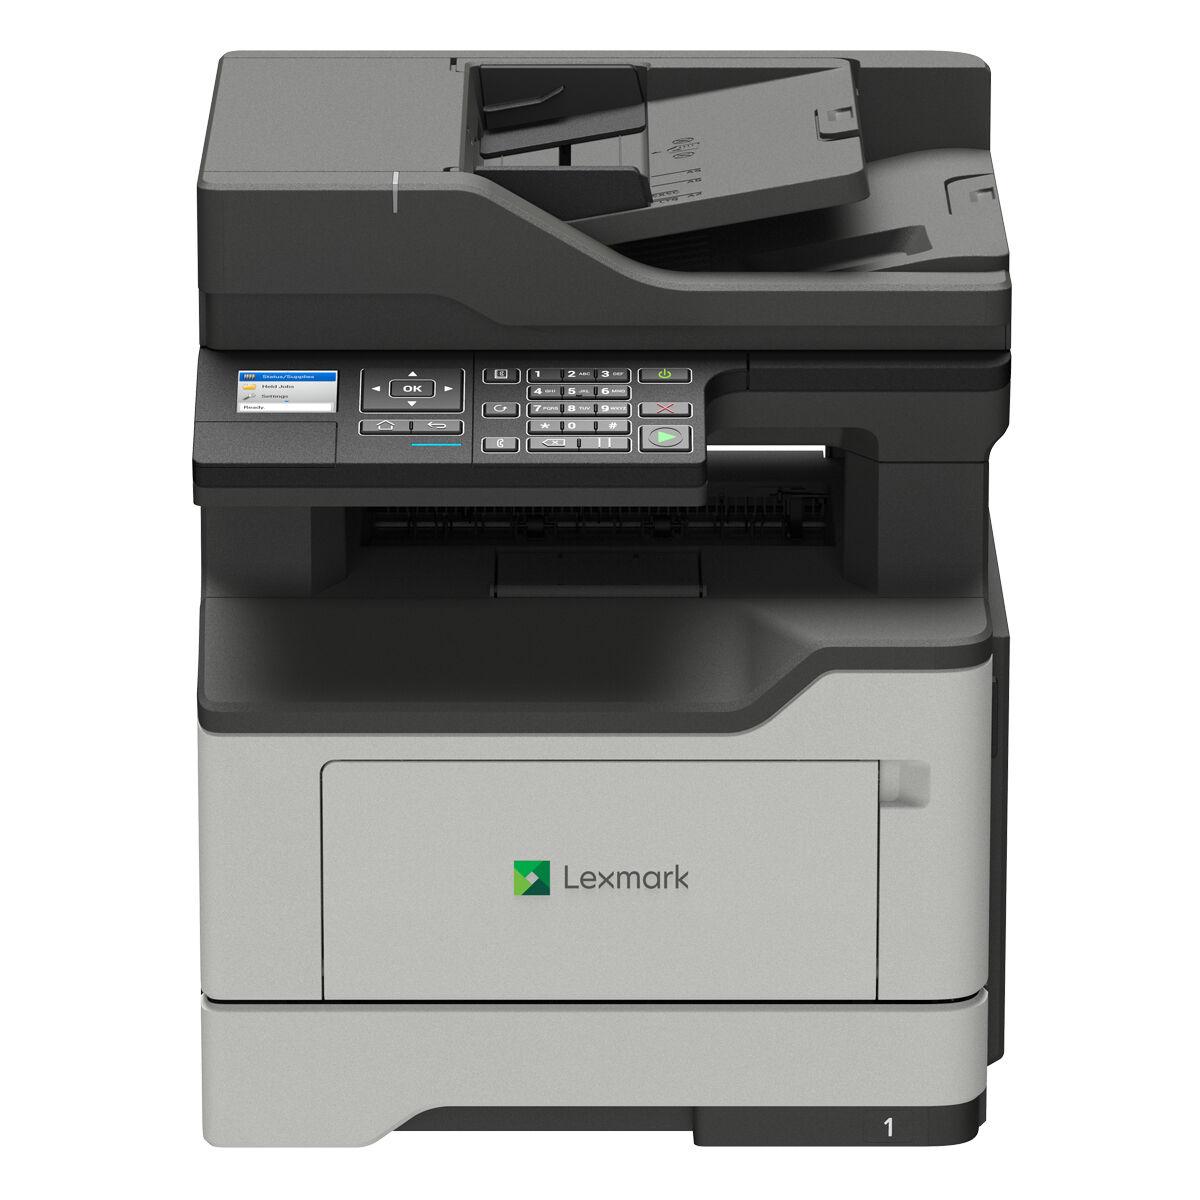 Lexmark MB2338adw (36SC650), Schwarz-Laserdrucker mit Scanner und Fax